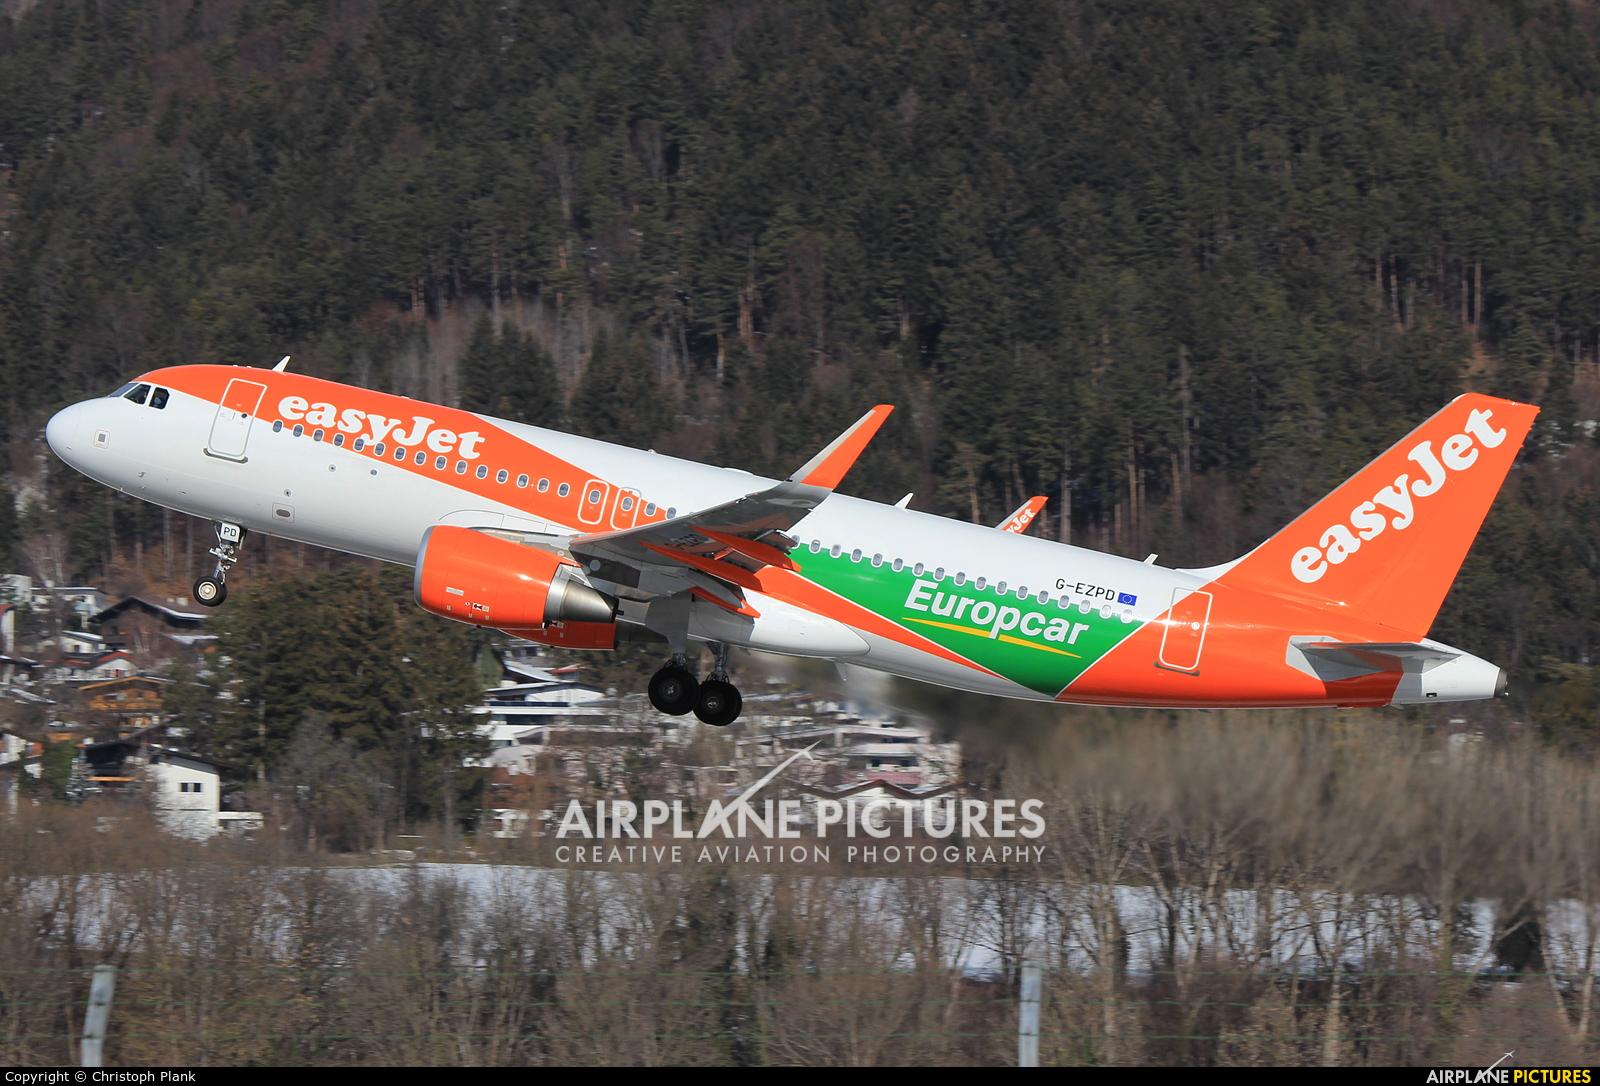 easyJet G-EZPD aircraft at Innsbruck